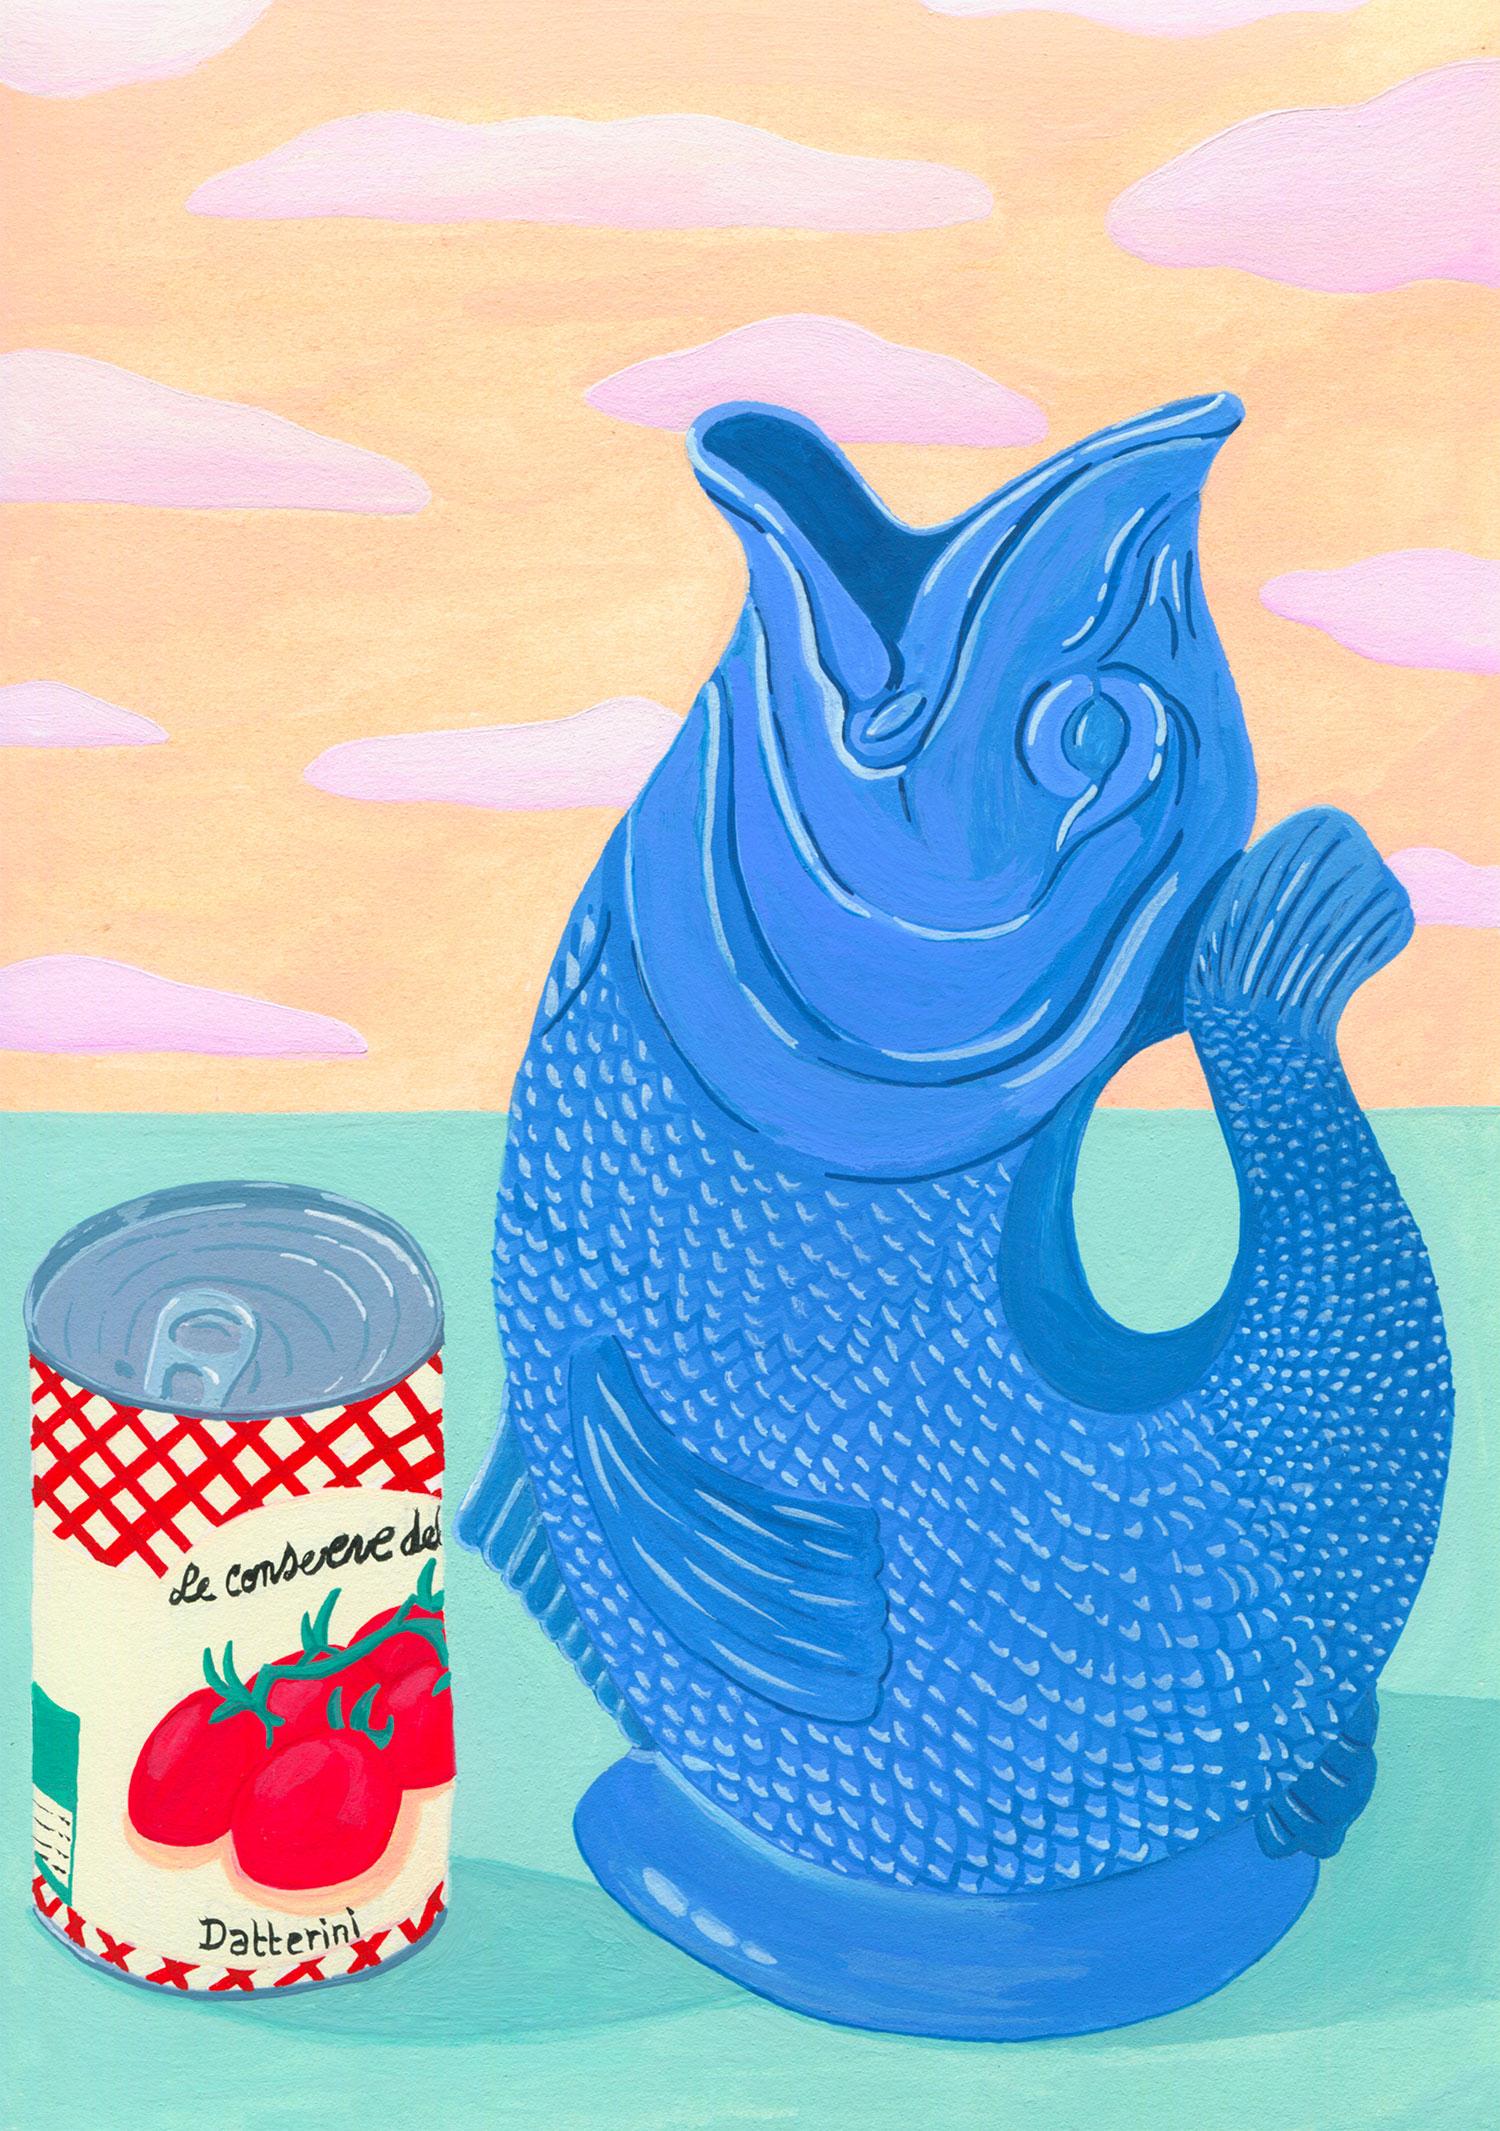 illustration-mariepellet-illustratrice-gouache-projet-personnel-blue-guggle-jug-vase-conserve-nature-morte-stilllife